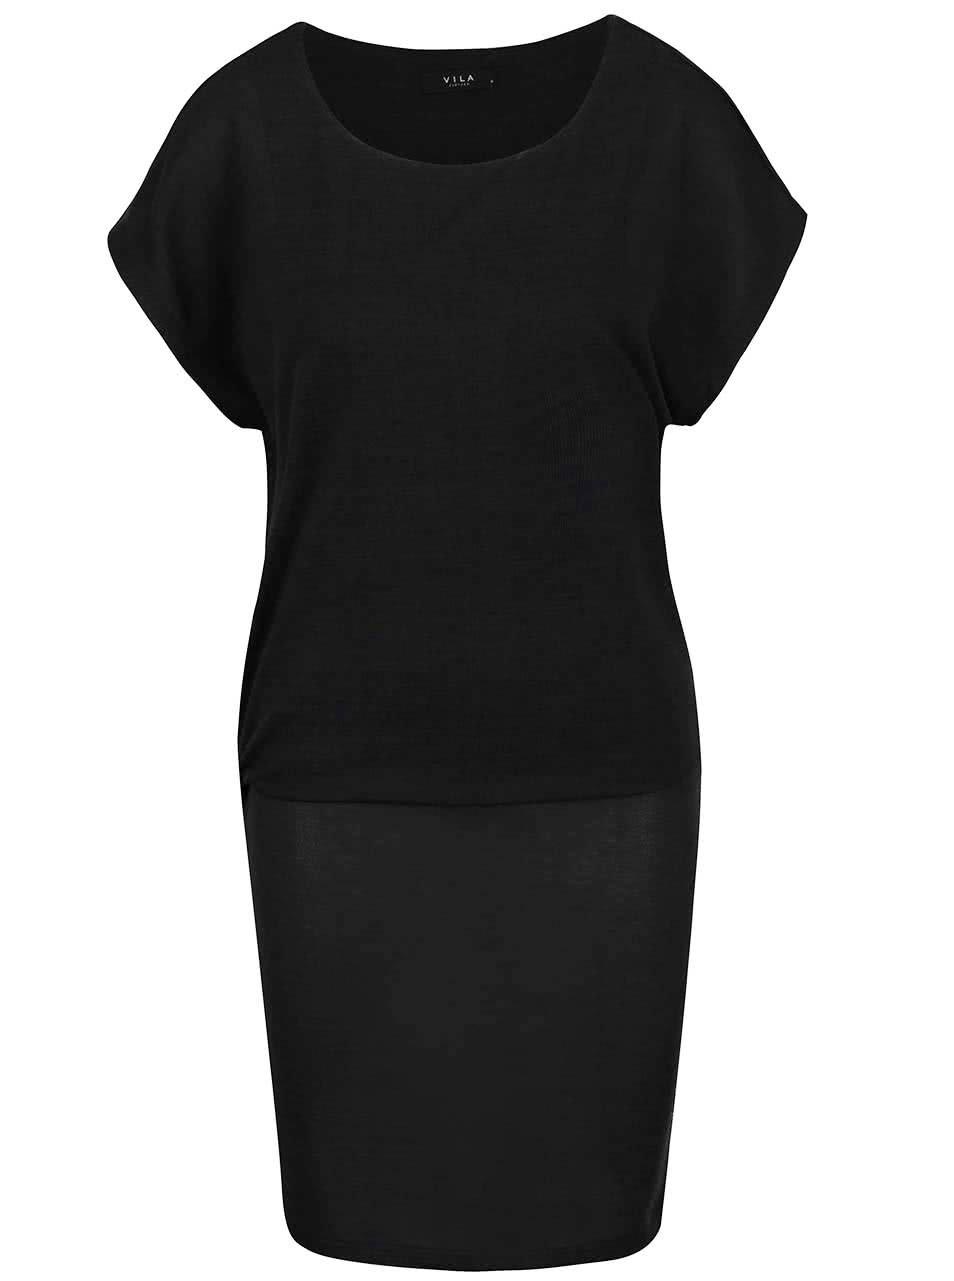 Tmavě šedé elastické šaty s volnějším topem VILA Sissa